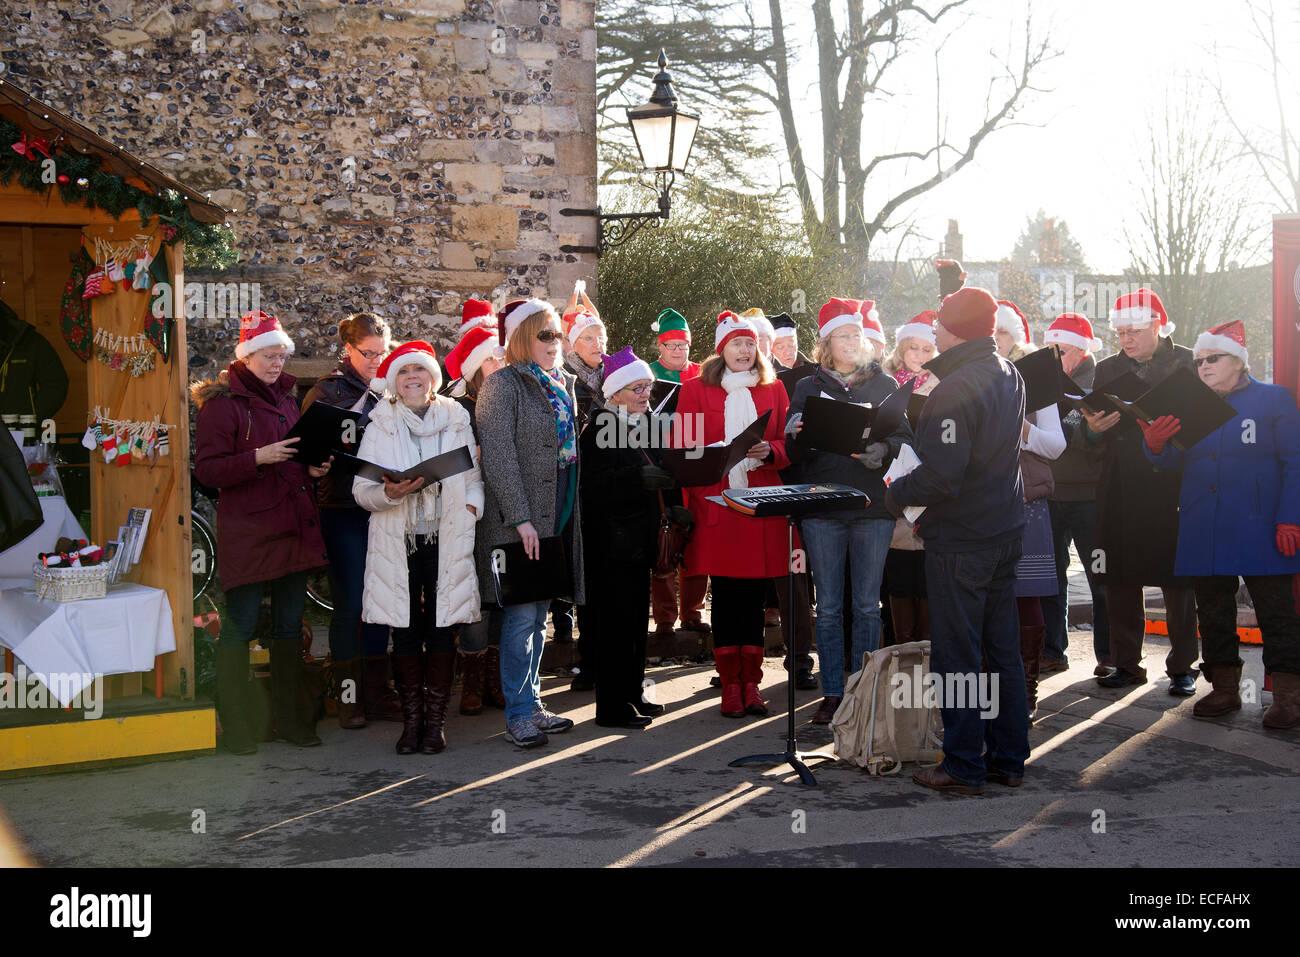 Carol cantanti di eseguire nel vicino la Cattedrale di Winchester Hampshire REGNO UNITO a cantare i canti natalizi Immagini Stock